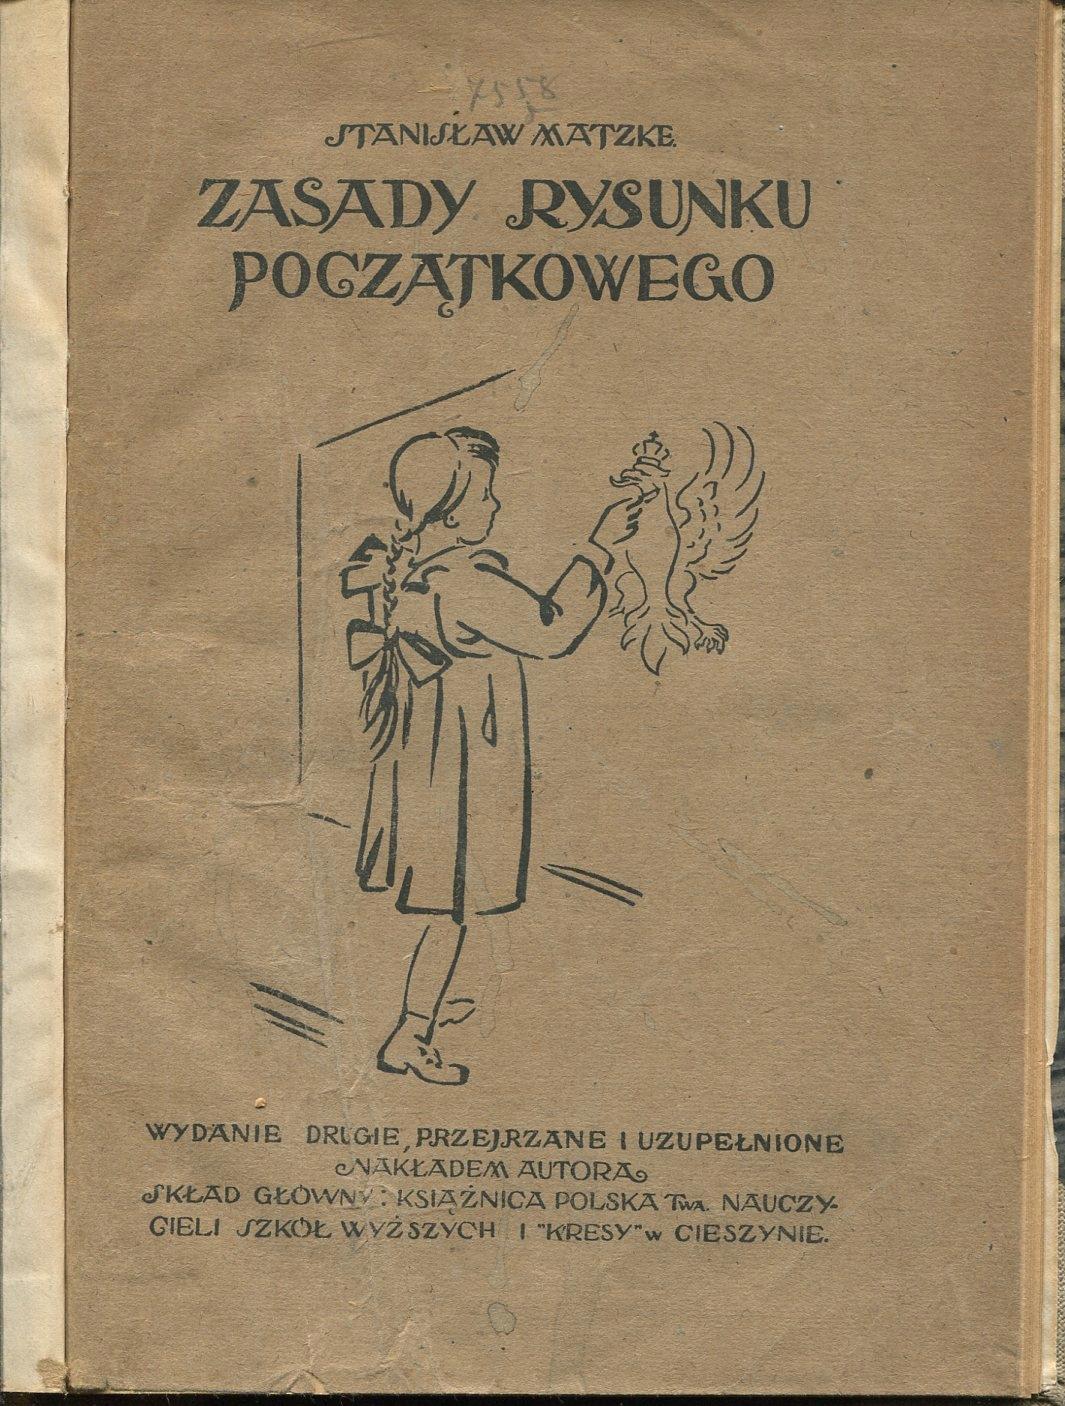 ZASADY RYSUNKU POCZĄTKOWEGO Matzke 1921 rysowanie